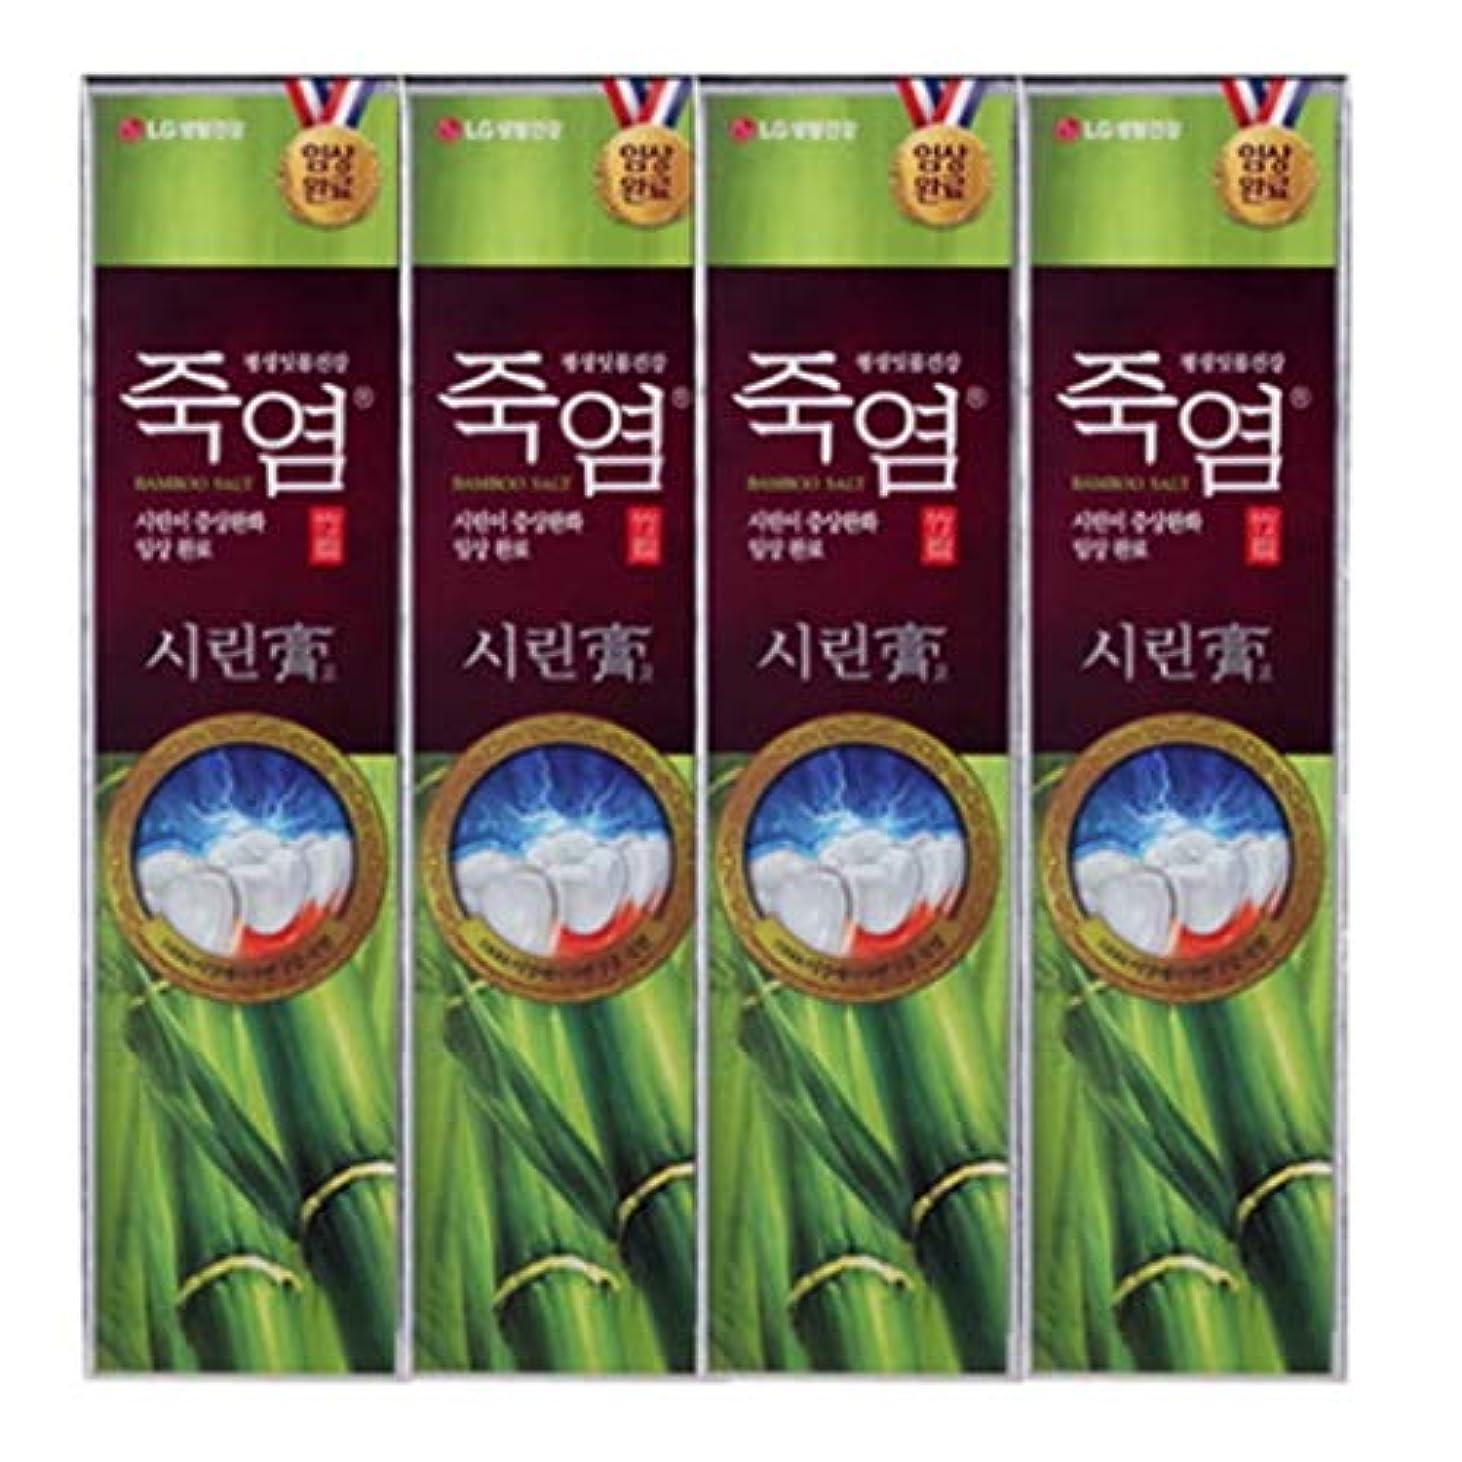 しゃがむデイジーアナニバー[LG Care/LG生活健康]竹塩歯磨き粉つぶれて歯茎を健康に120g x4ea/歯磨きセットスペシャル?リミテッドToothpaste Set Special Limited Korea(海外直送品)